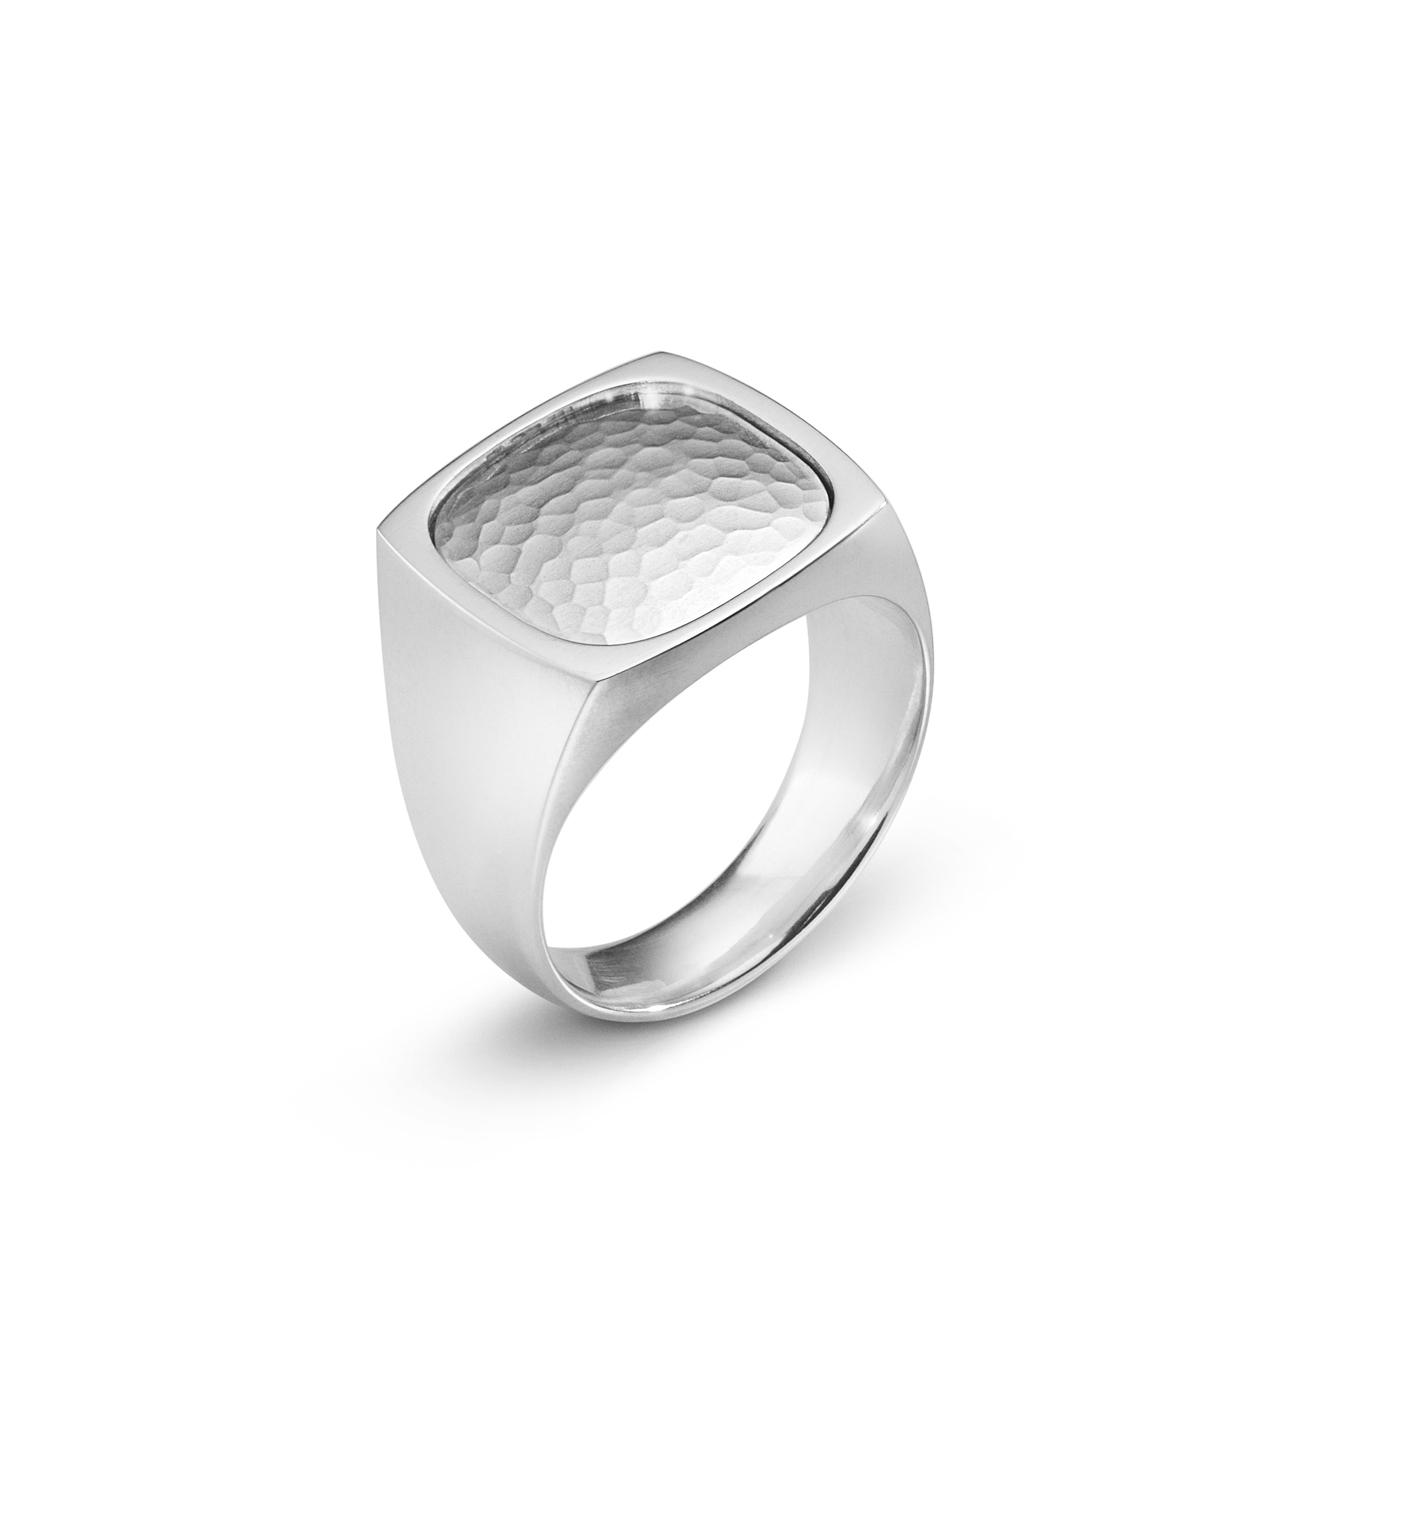 Georg jensen herre smithy ring - 3560580 sølv 60 fra georg jensen - smykker fra brodersen + kobborg